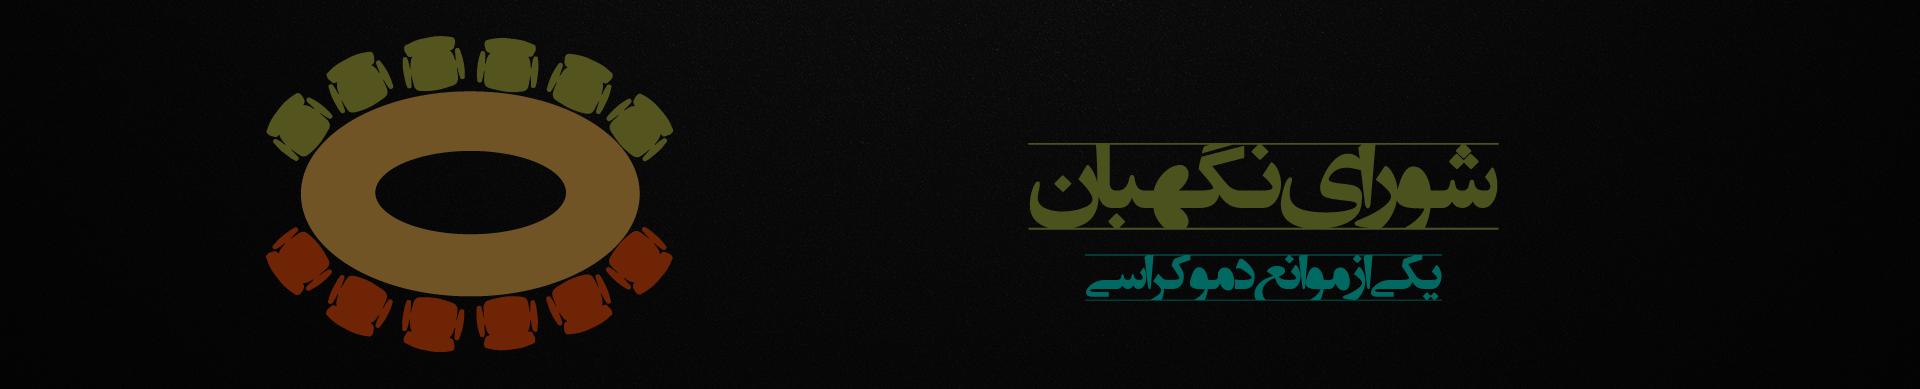 بیوگرافی کوتاه – ابراهیم عزیزی